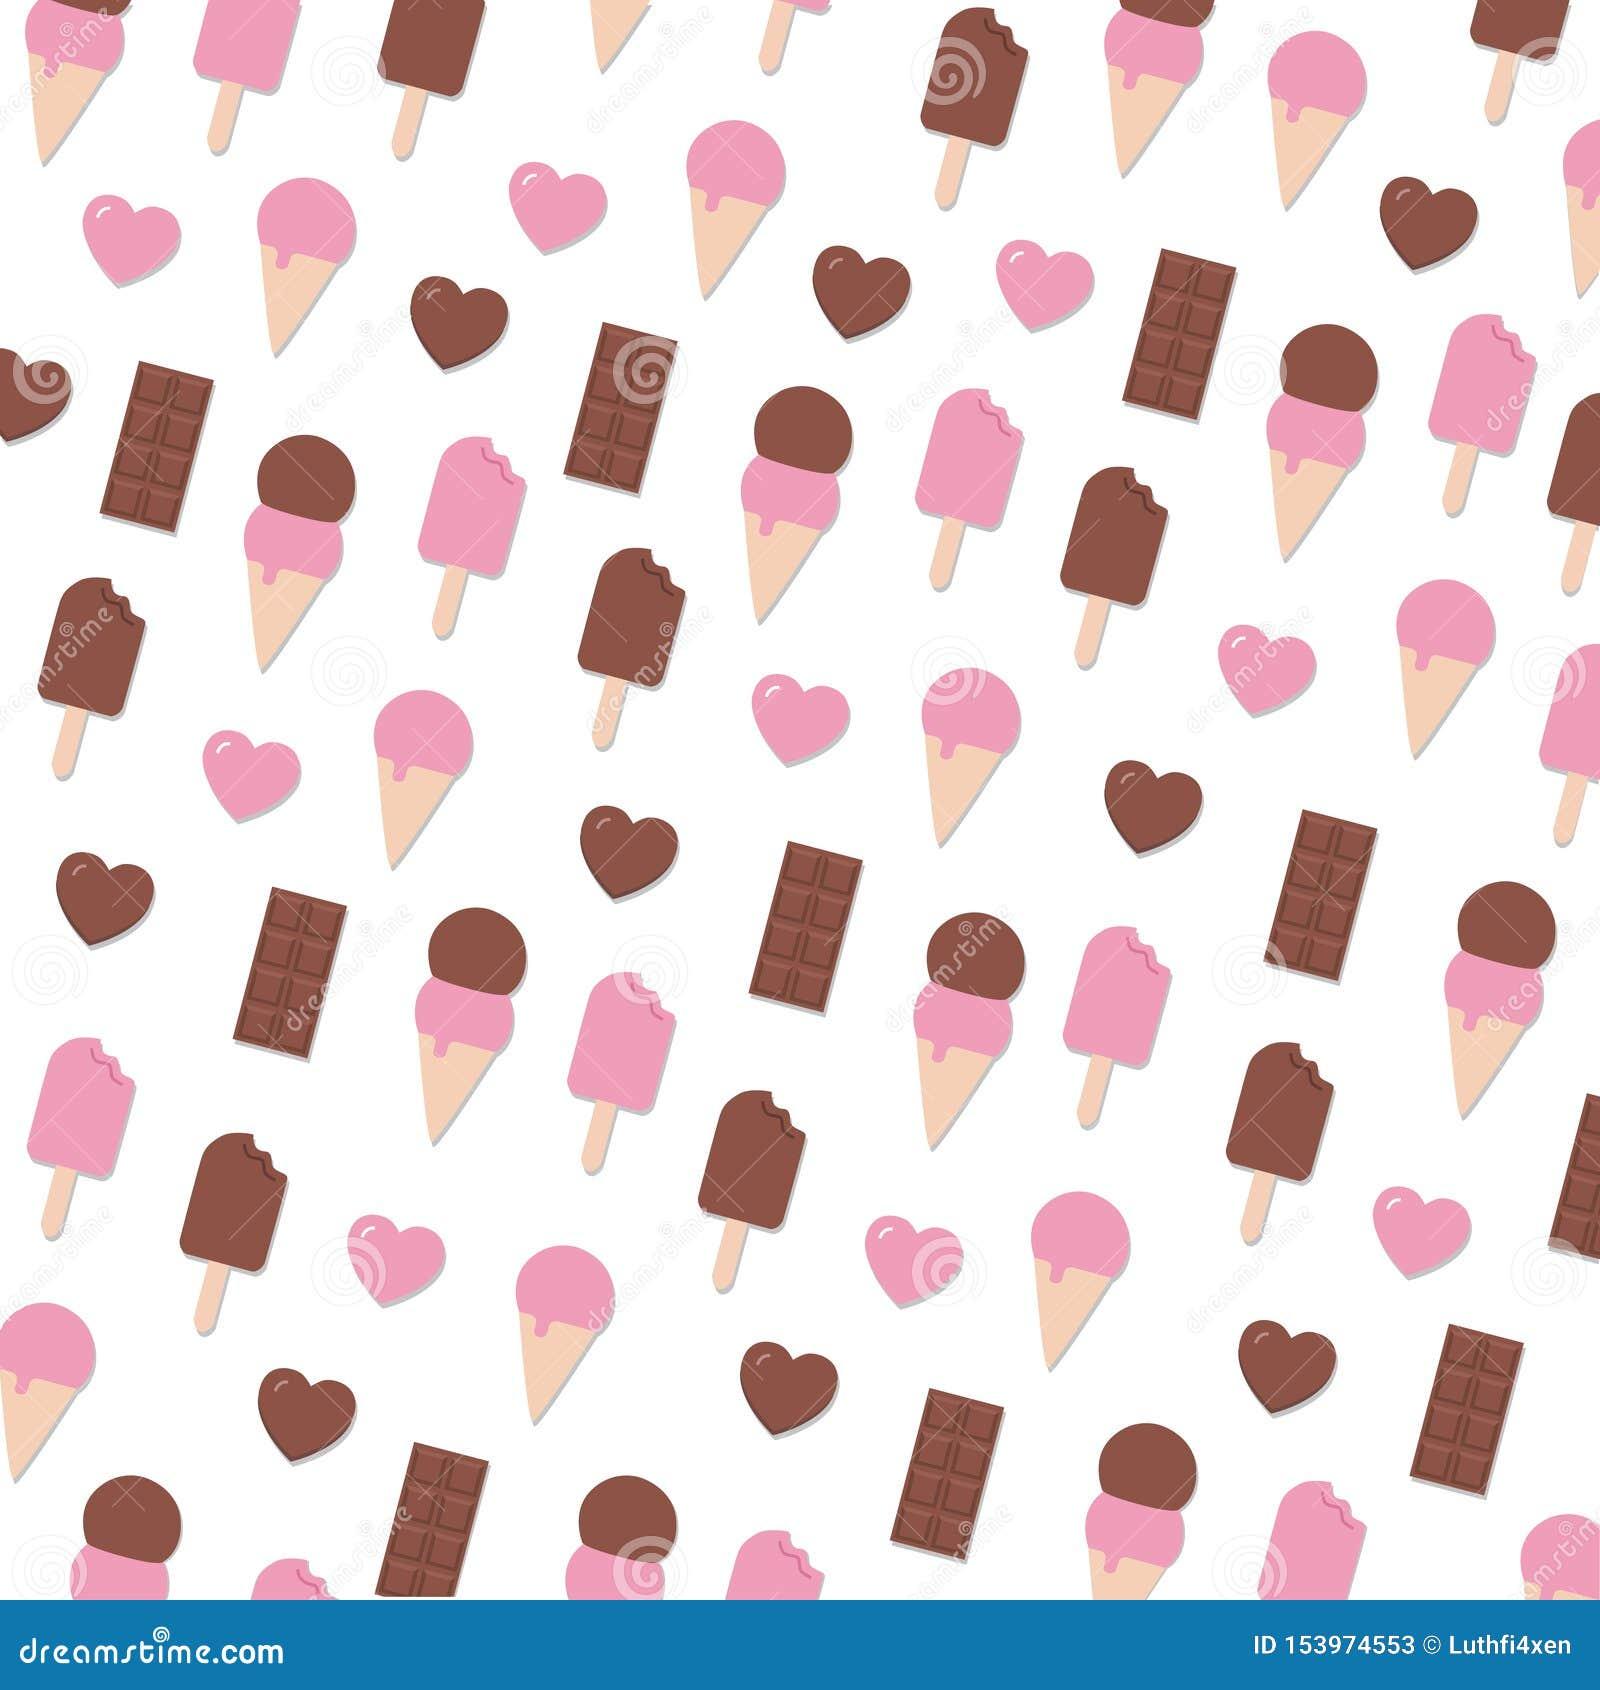 Fantaisie Valentine Day Seamless Pattern